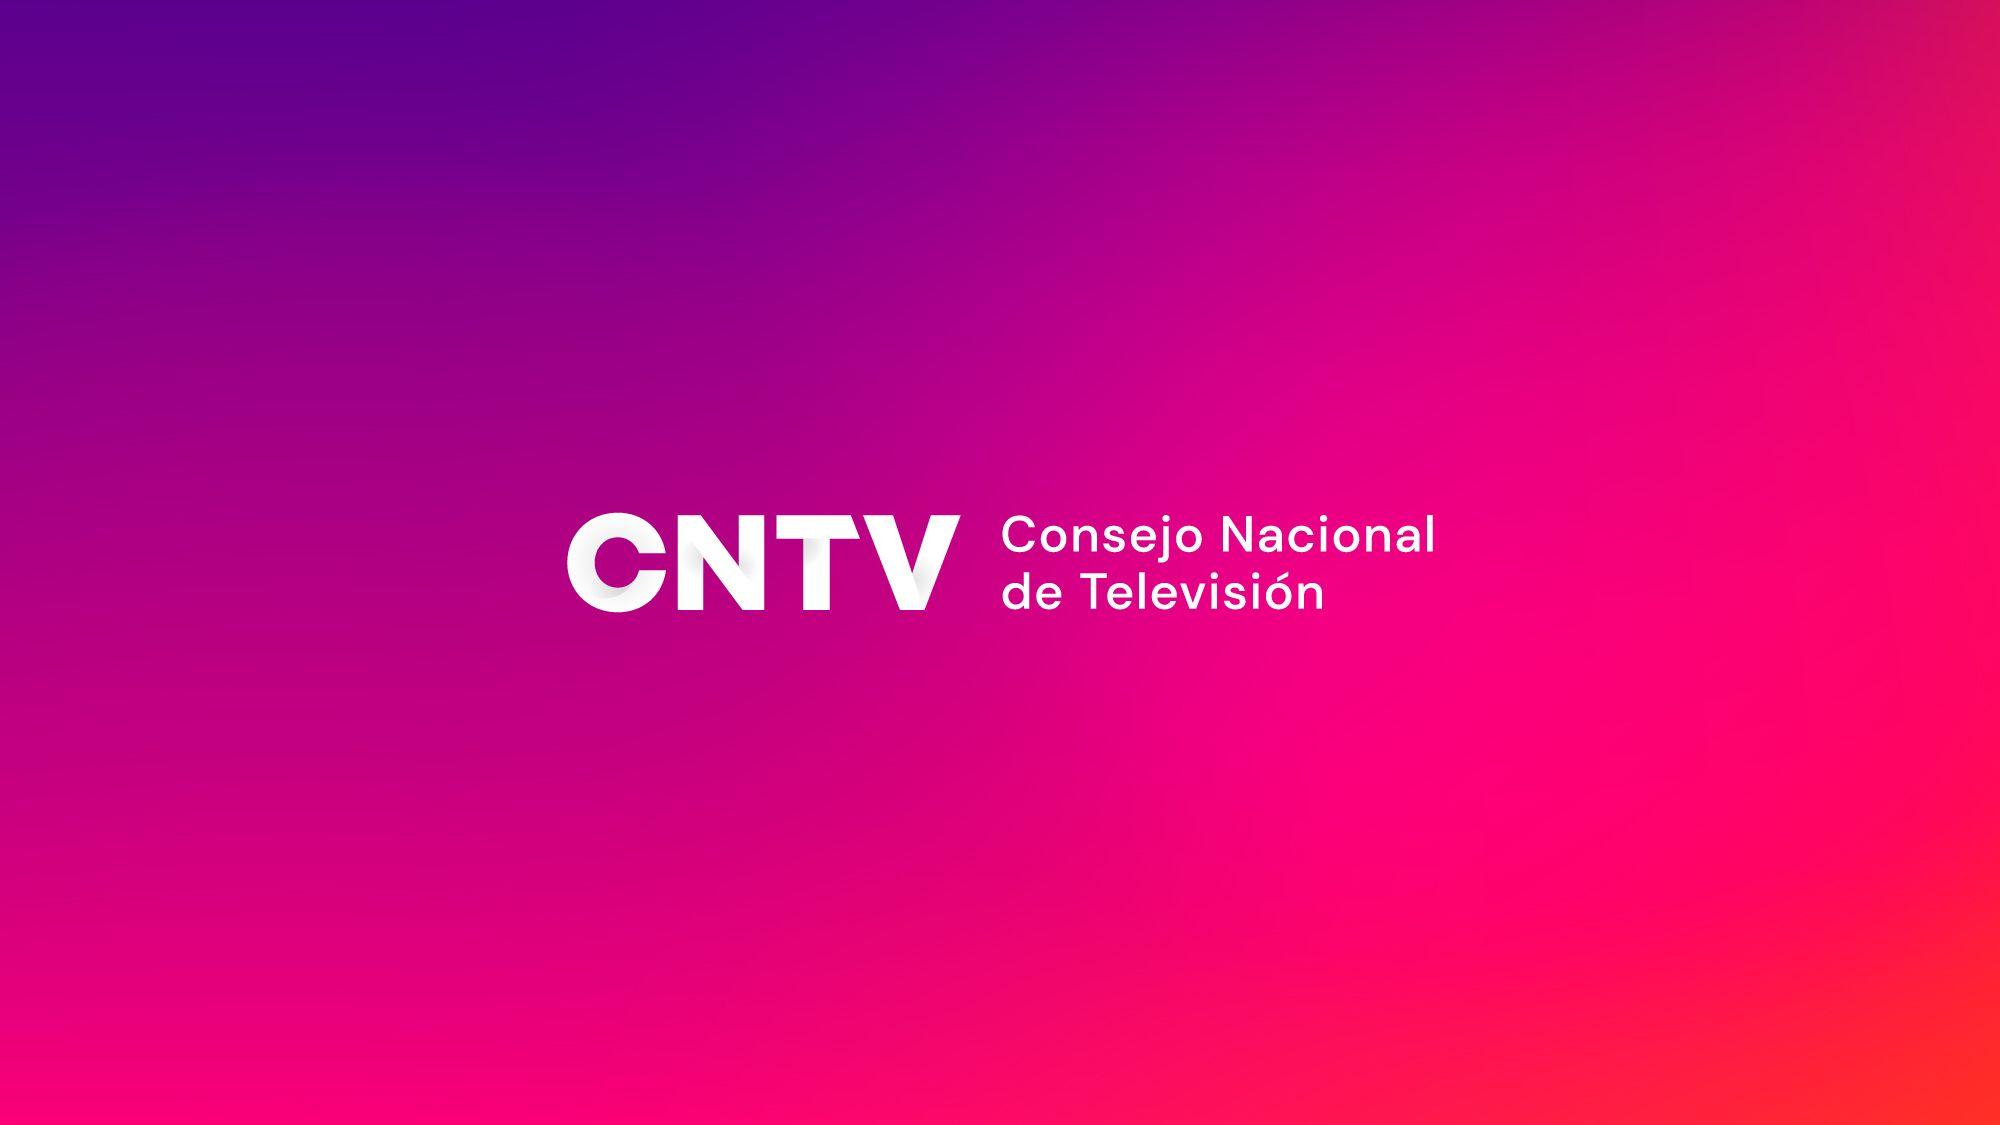 Nueva Identidad Gráfica CNTV